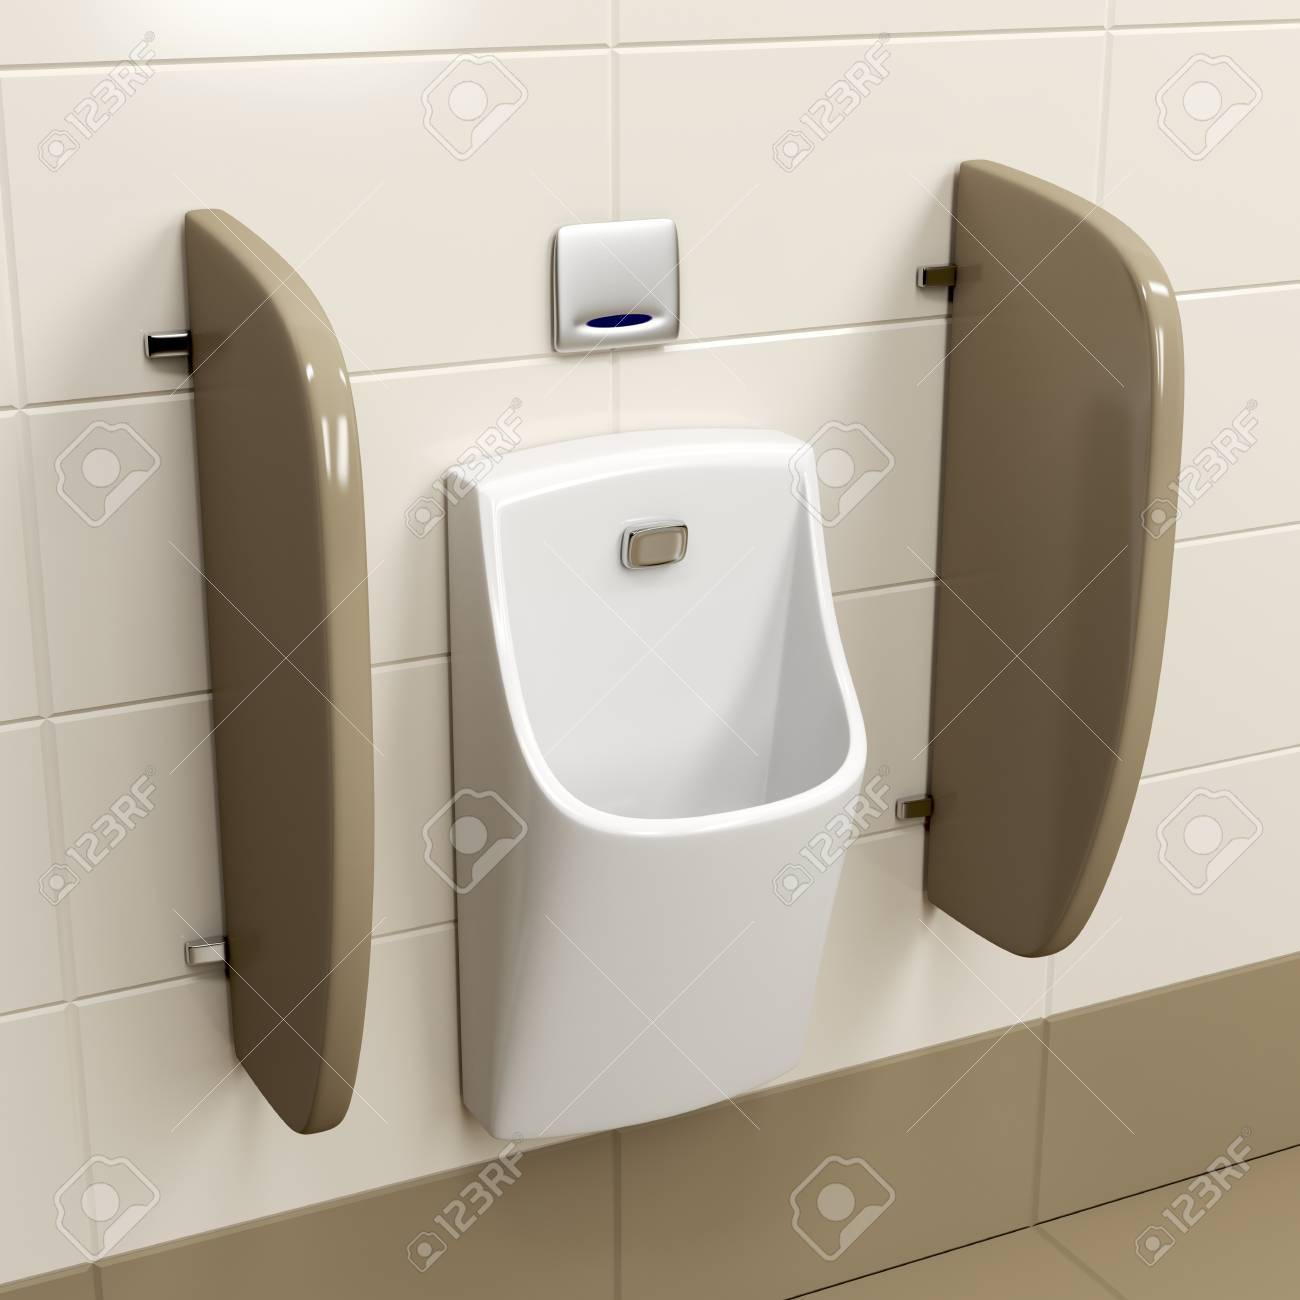 Moderne Sensor Betrieben Urinal Auf Braunen Fliesen In Der öffentlichen  Toilette Standard Bild   66265558